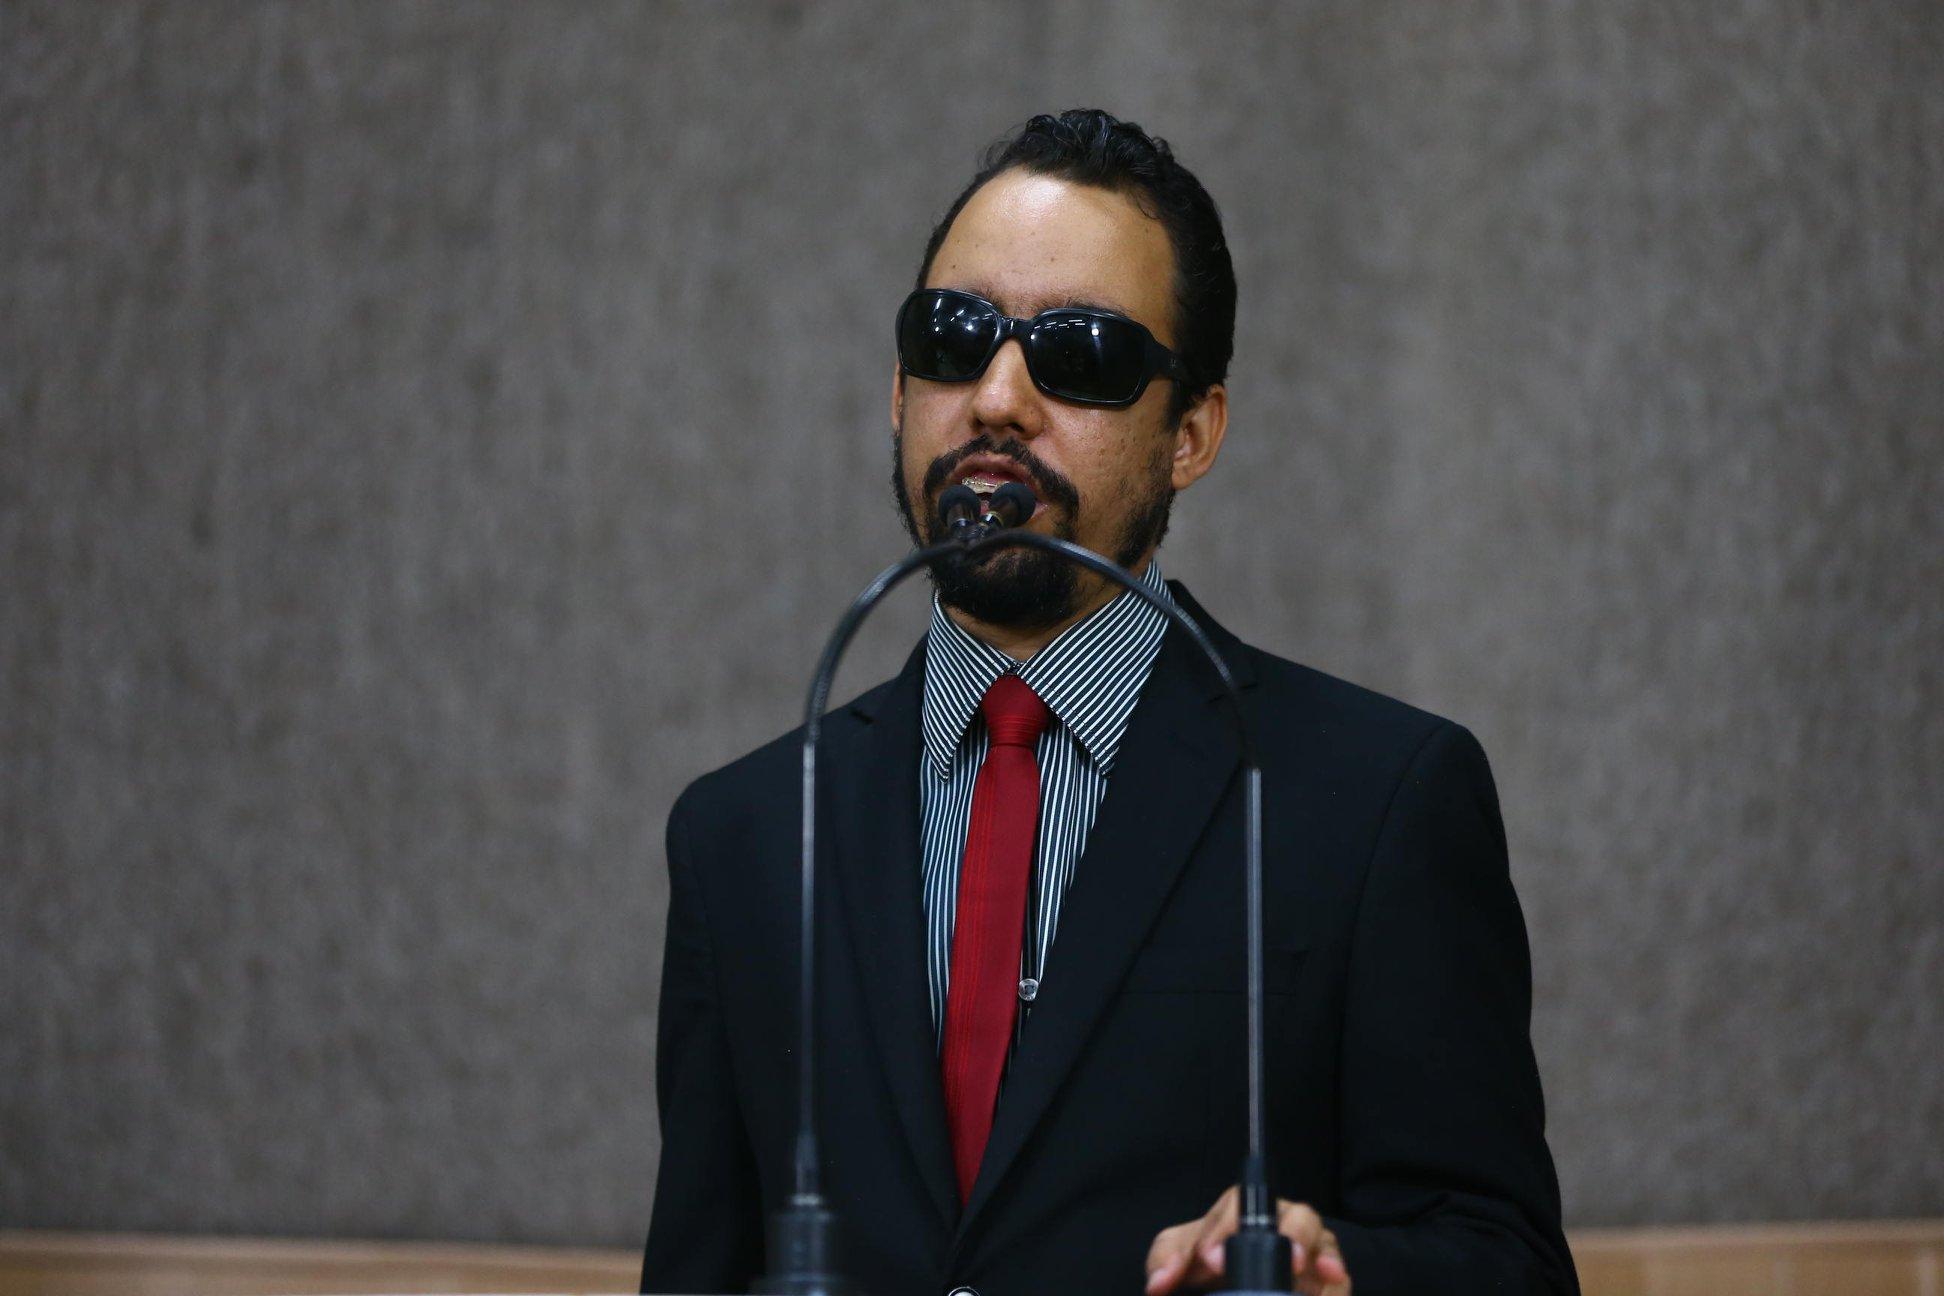 #PraTodoMundoVer Lucas em pé na tribuna falando ao microfone. Ele usa terno preto, camisa listrada em branco e preto, e gravata vermelha